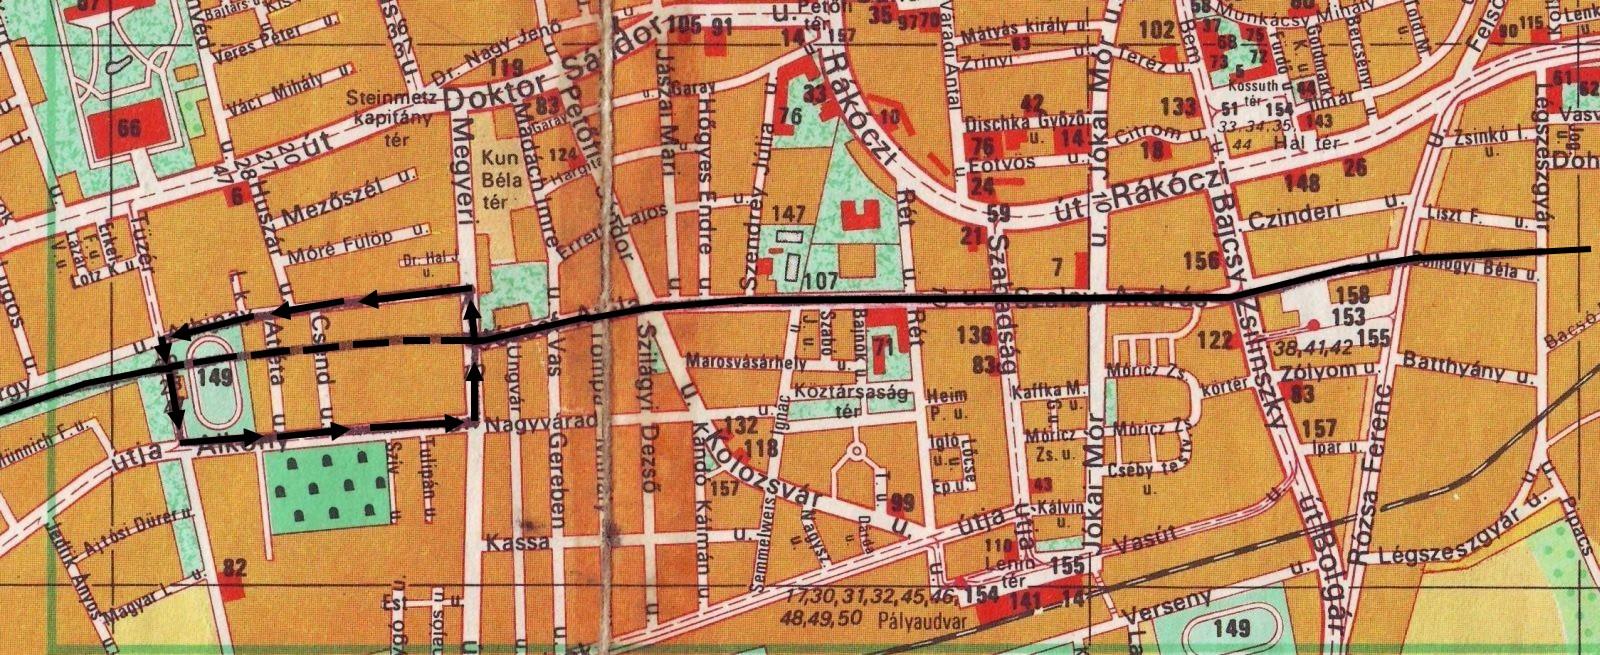 pécs vasútállomás térkép Hatos főút a belvárosban 2.   Régi Pécs pécs vasútállomás térkép